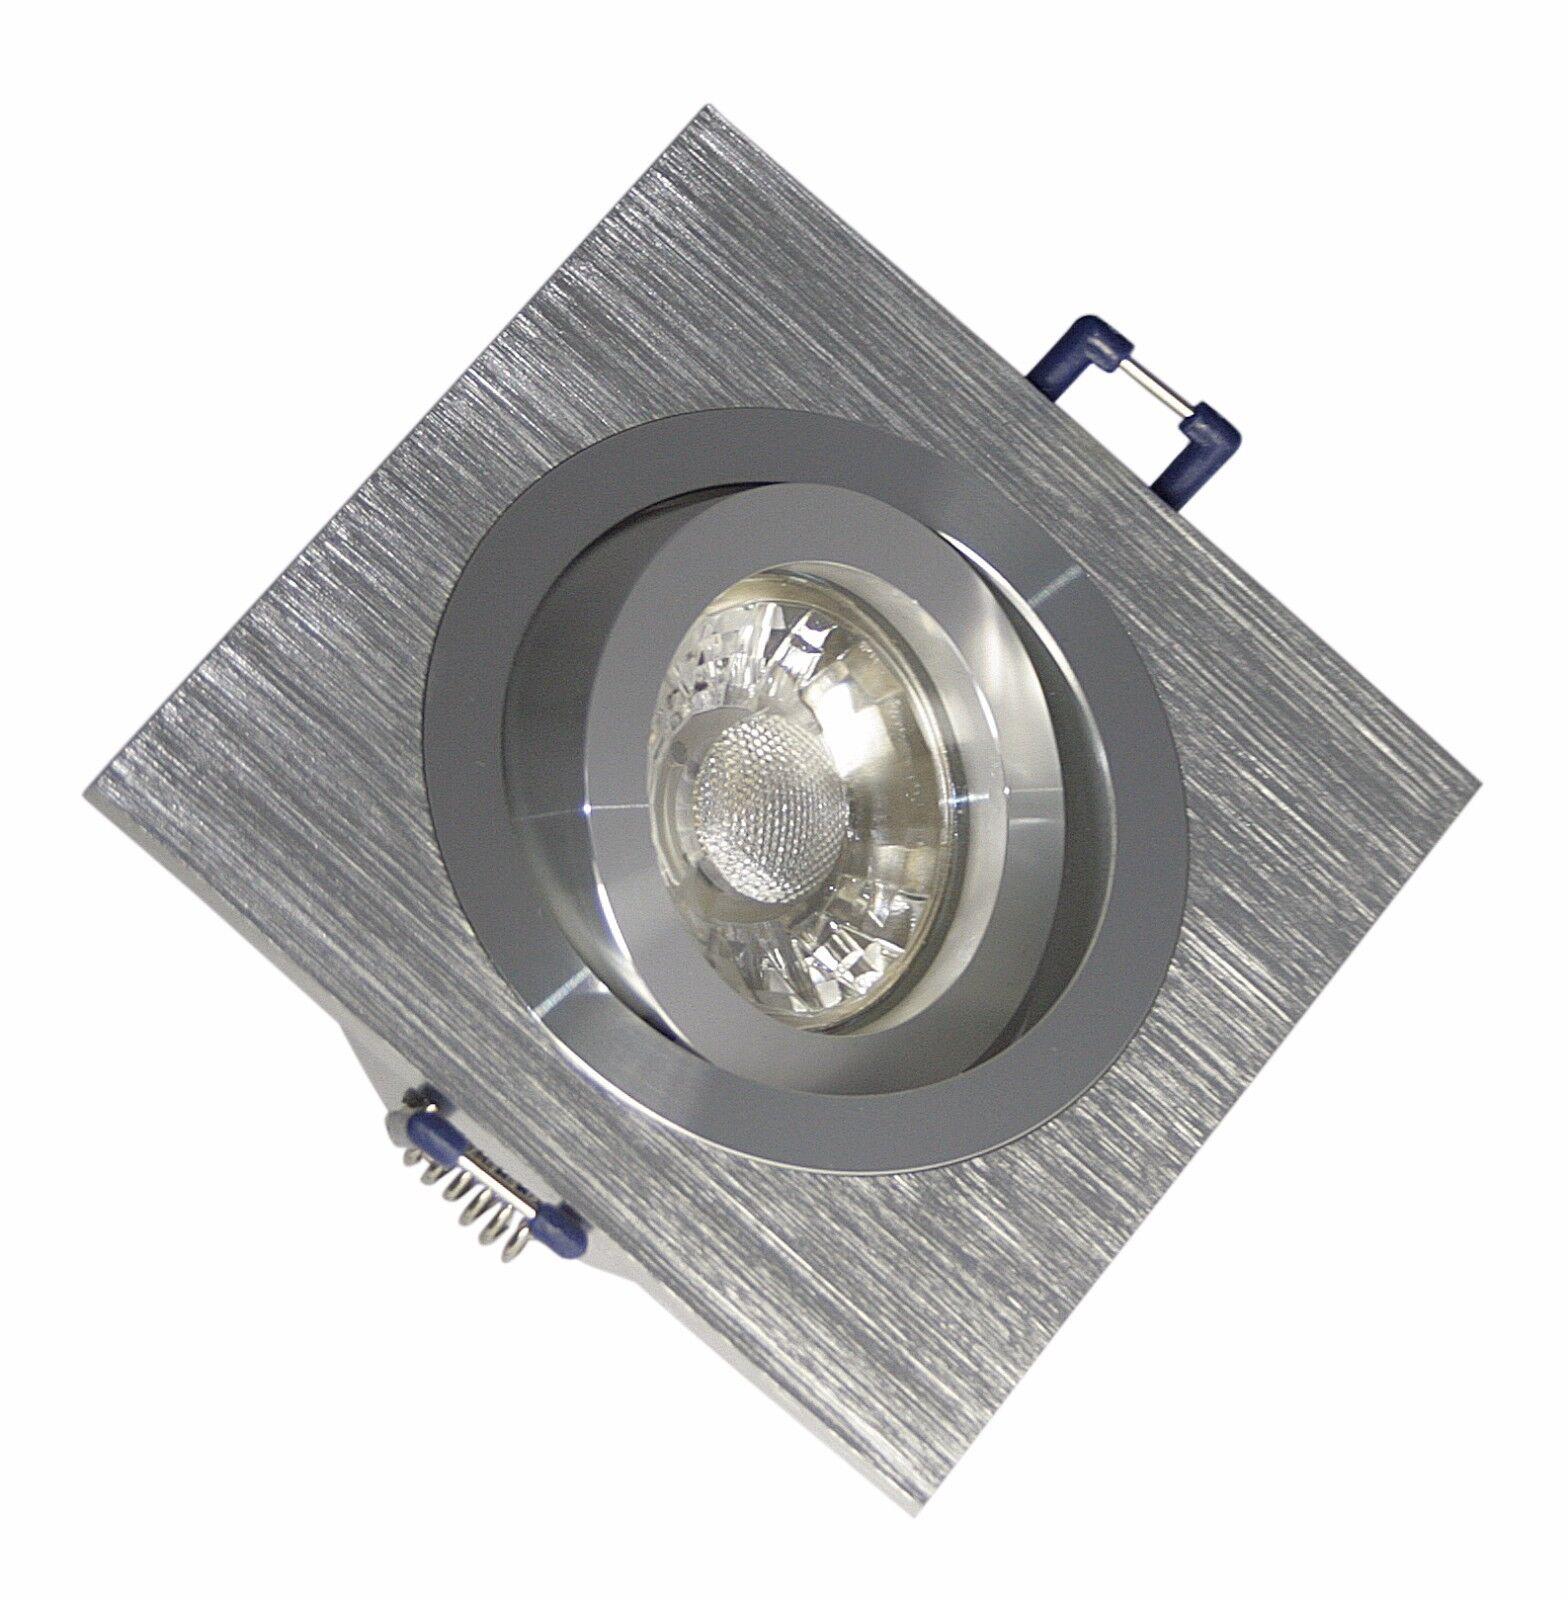 5-15er Set LED Einbauleuchte Kanto   Deckenspots   Eckig   7W   230V   550 Lumen